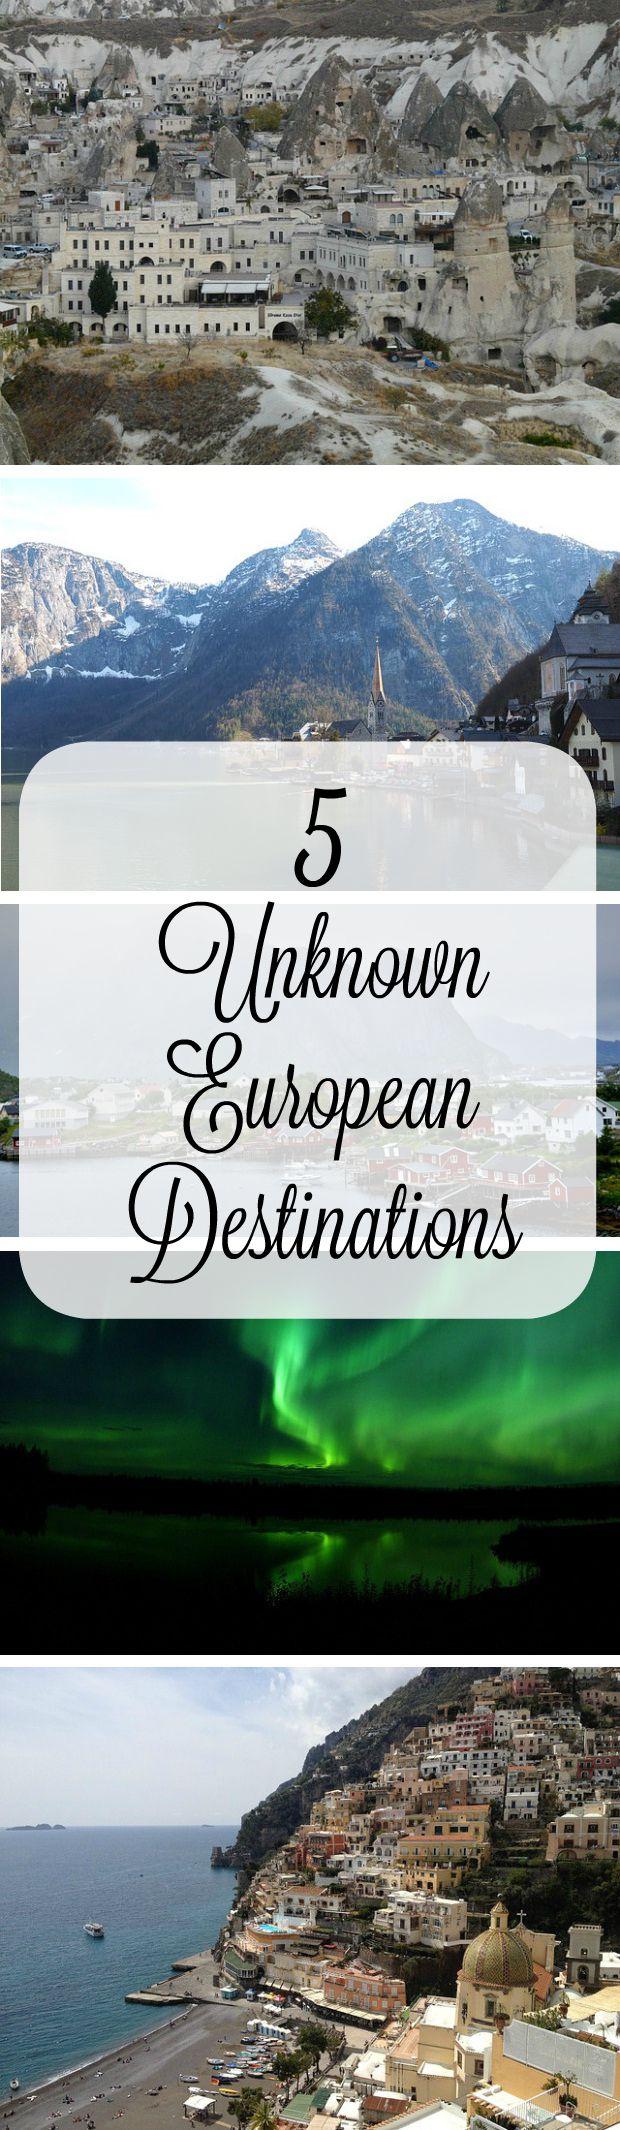 5 Unknown European Destinations